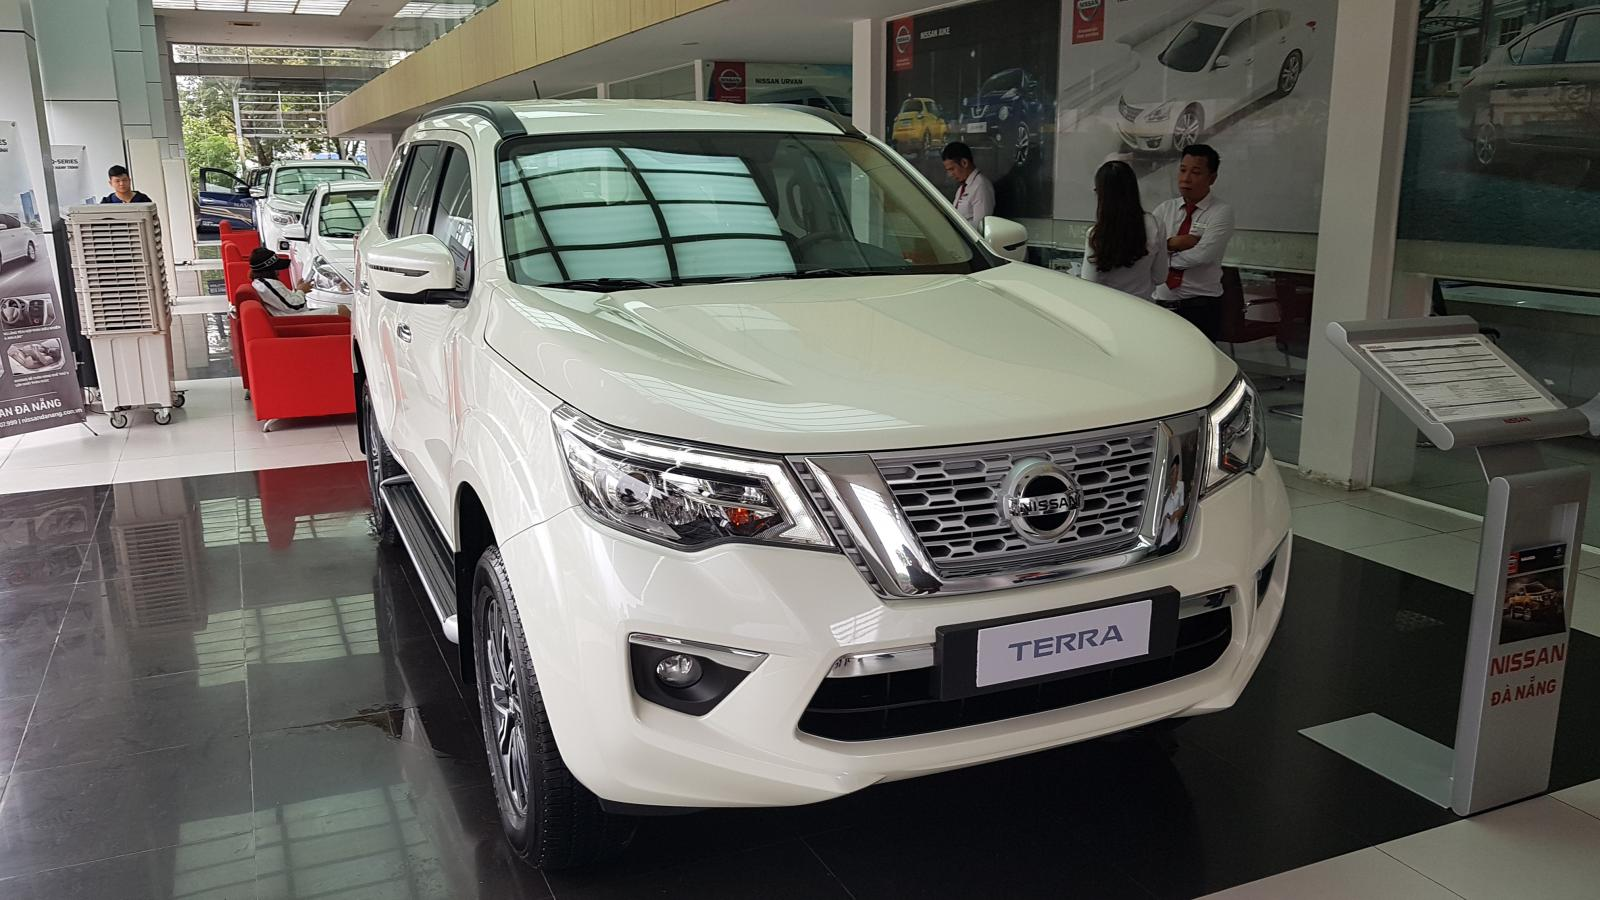 Bán xe Nissan Terra E 2WD 7AT 2019 đời 2019, màu trắng, xe nhập, 998tr